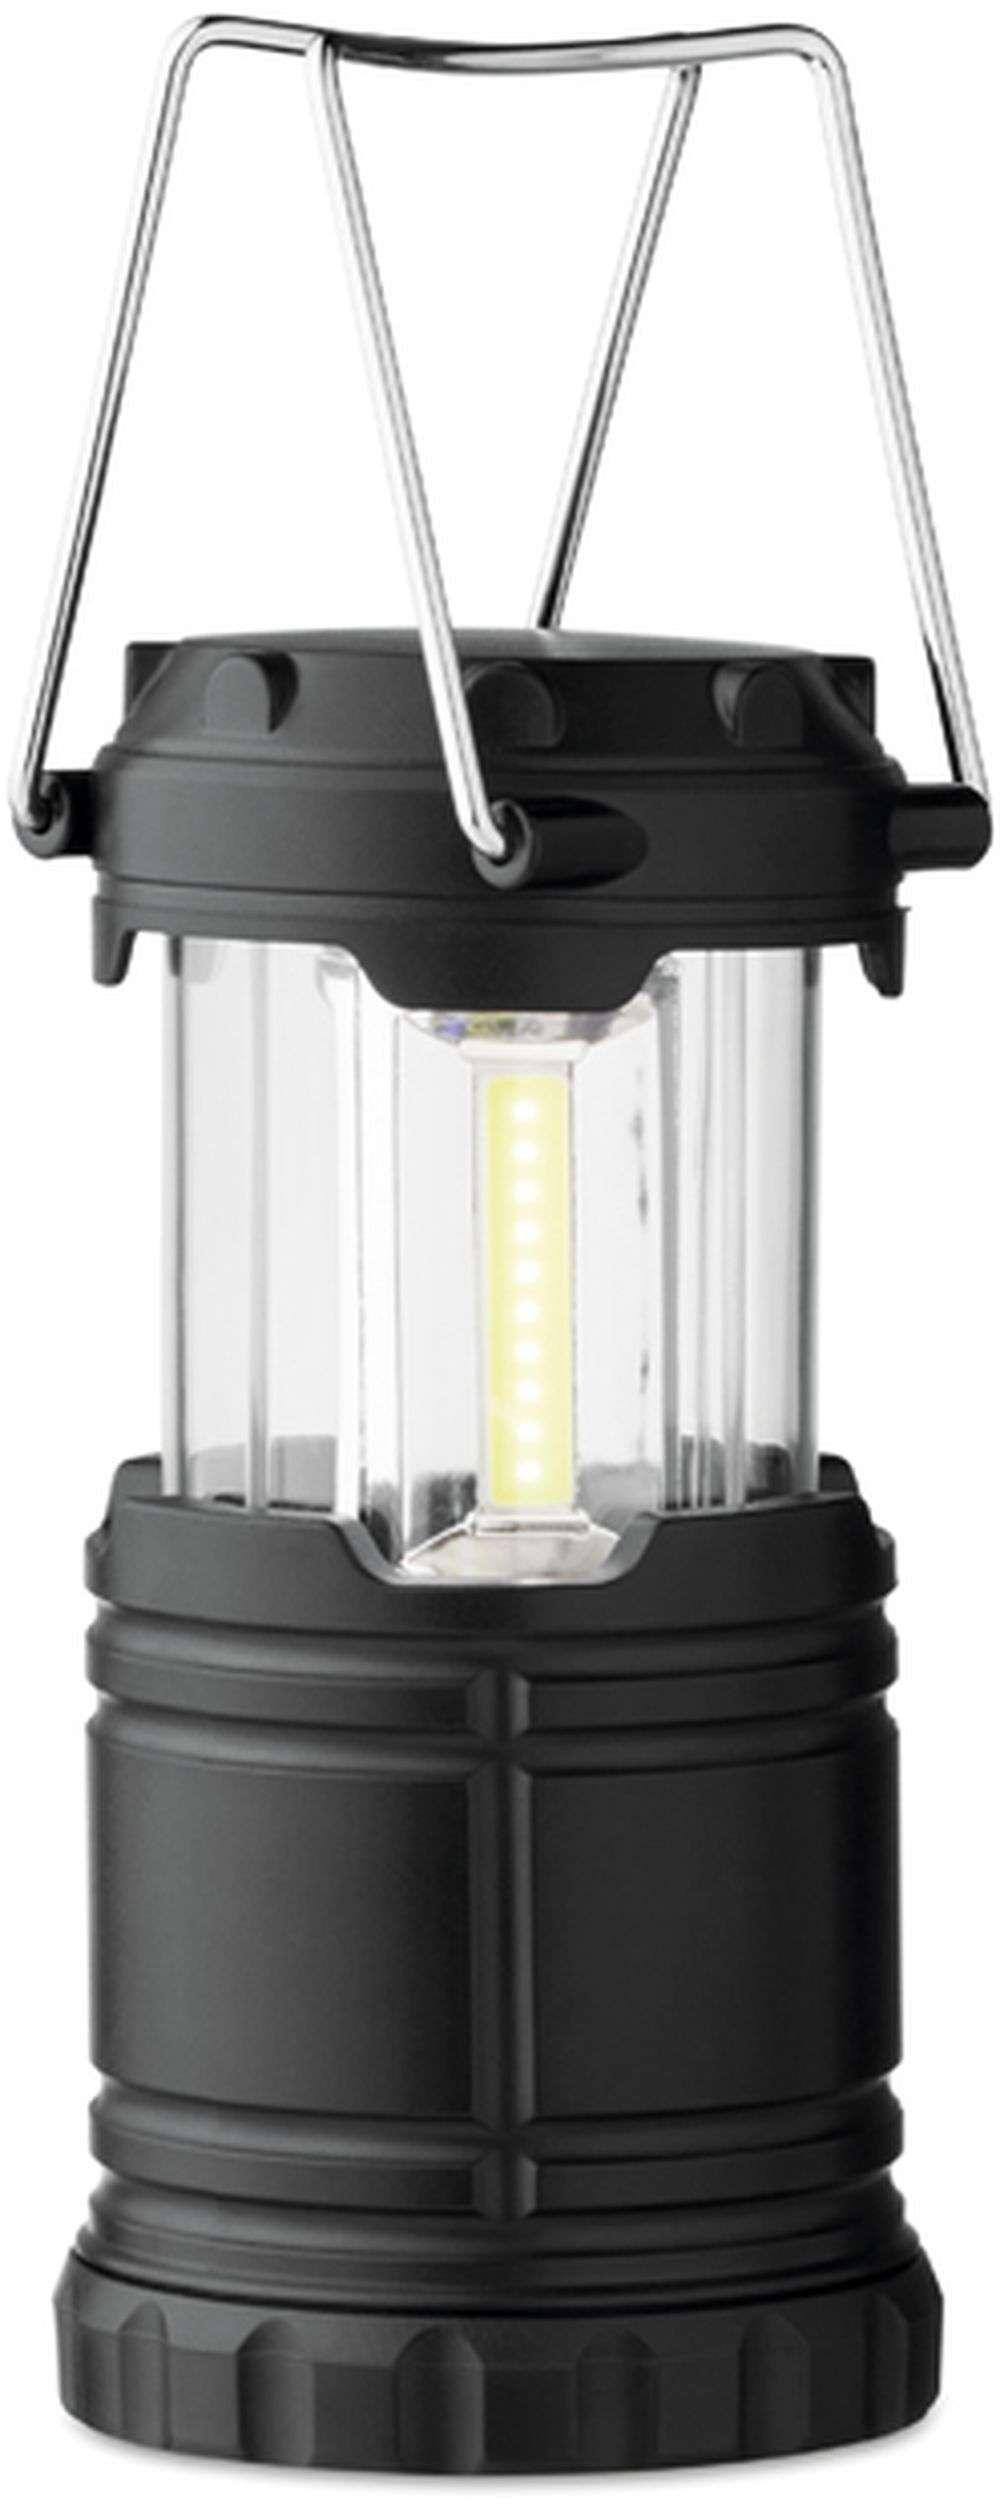 COB kempovací svítilna